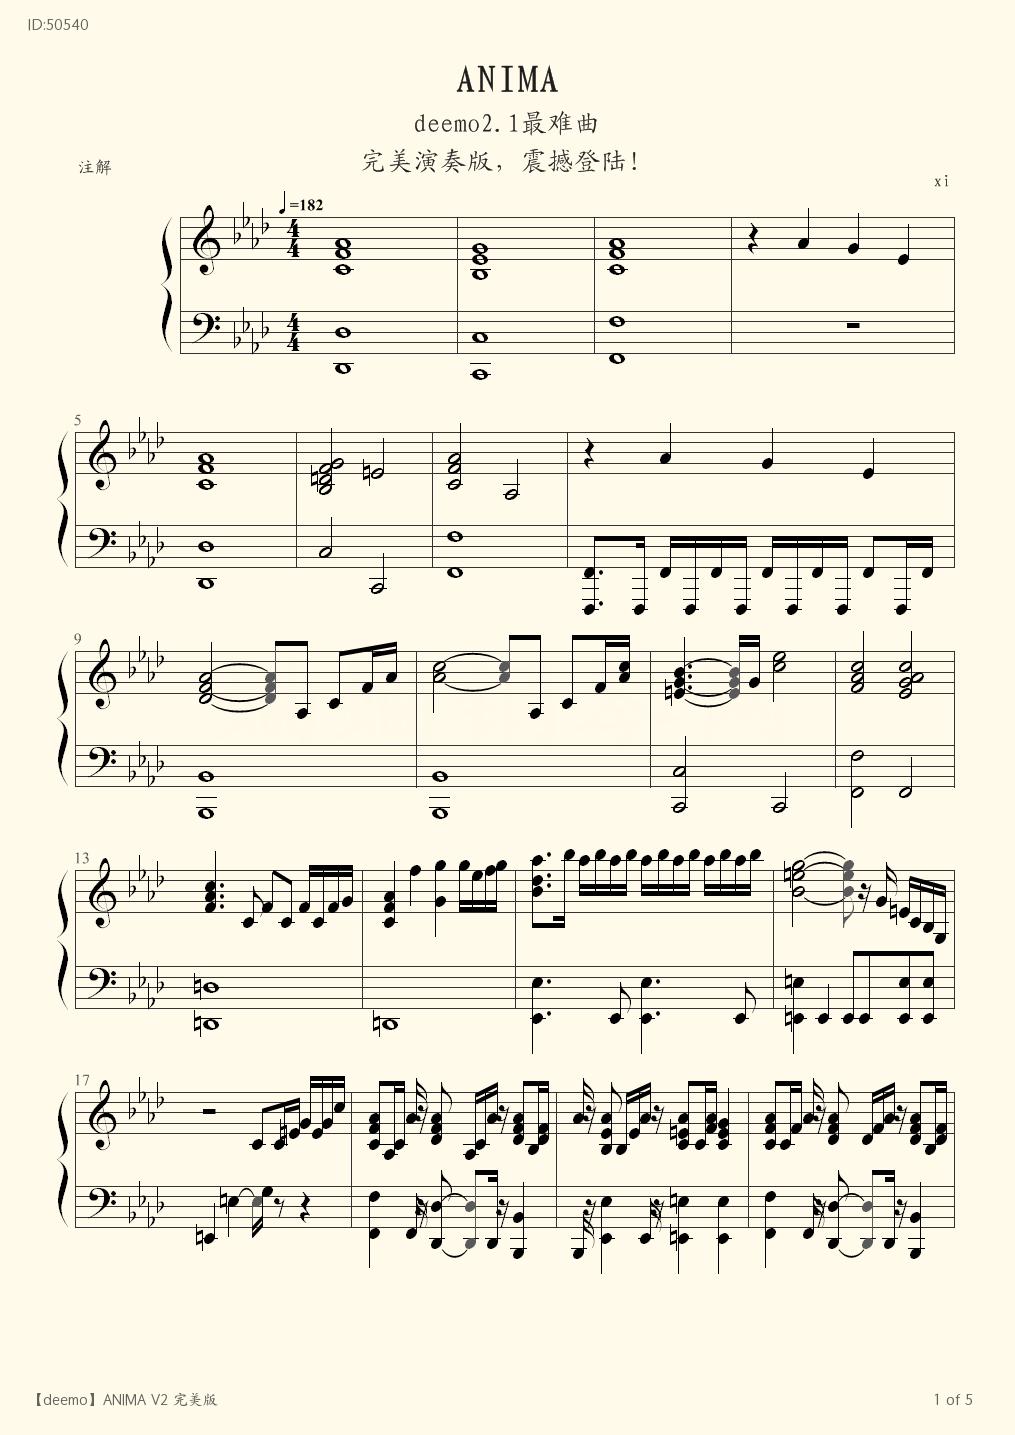 老男孩电影筷子兄弟_《deemo ANIMA V2 , Piano score》xi (Piano music Fingering) - Sheet Music Bar